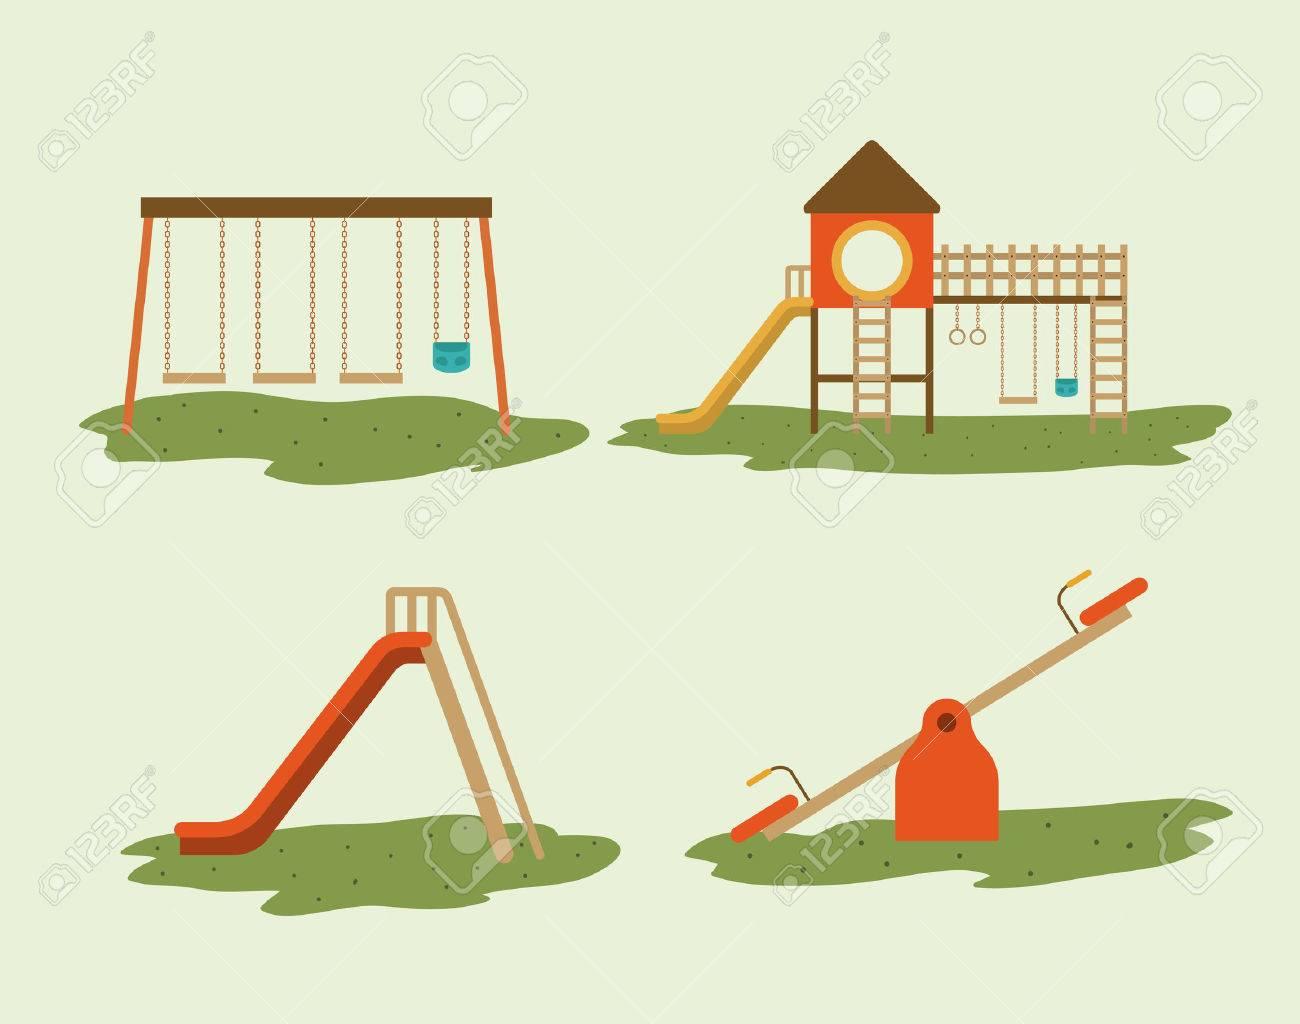 Playground design over white background, vector illustration - 38706829